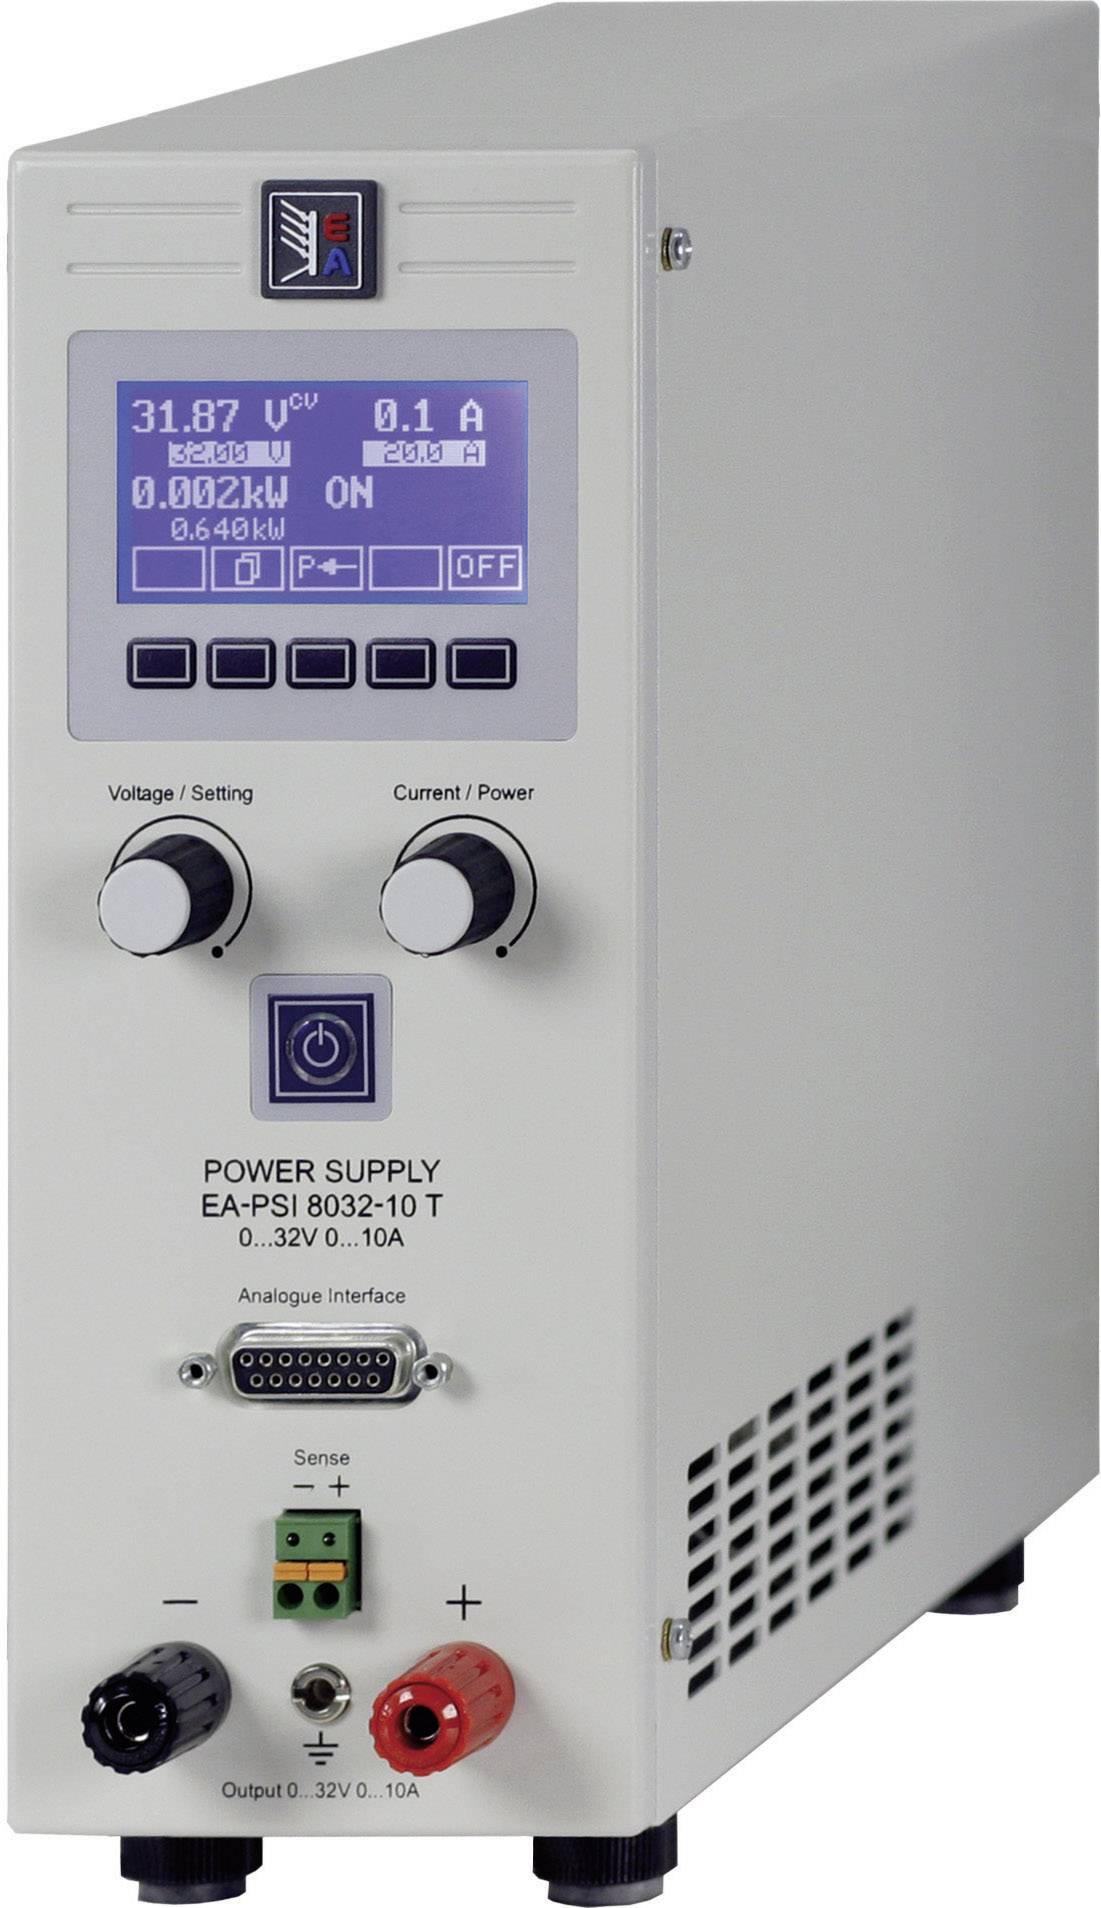 Laboratorní síťový zdroj EA-PSI 8032-20 T, 0 - 32 V/DC, 20 - 20 A, 640 W